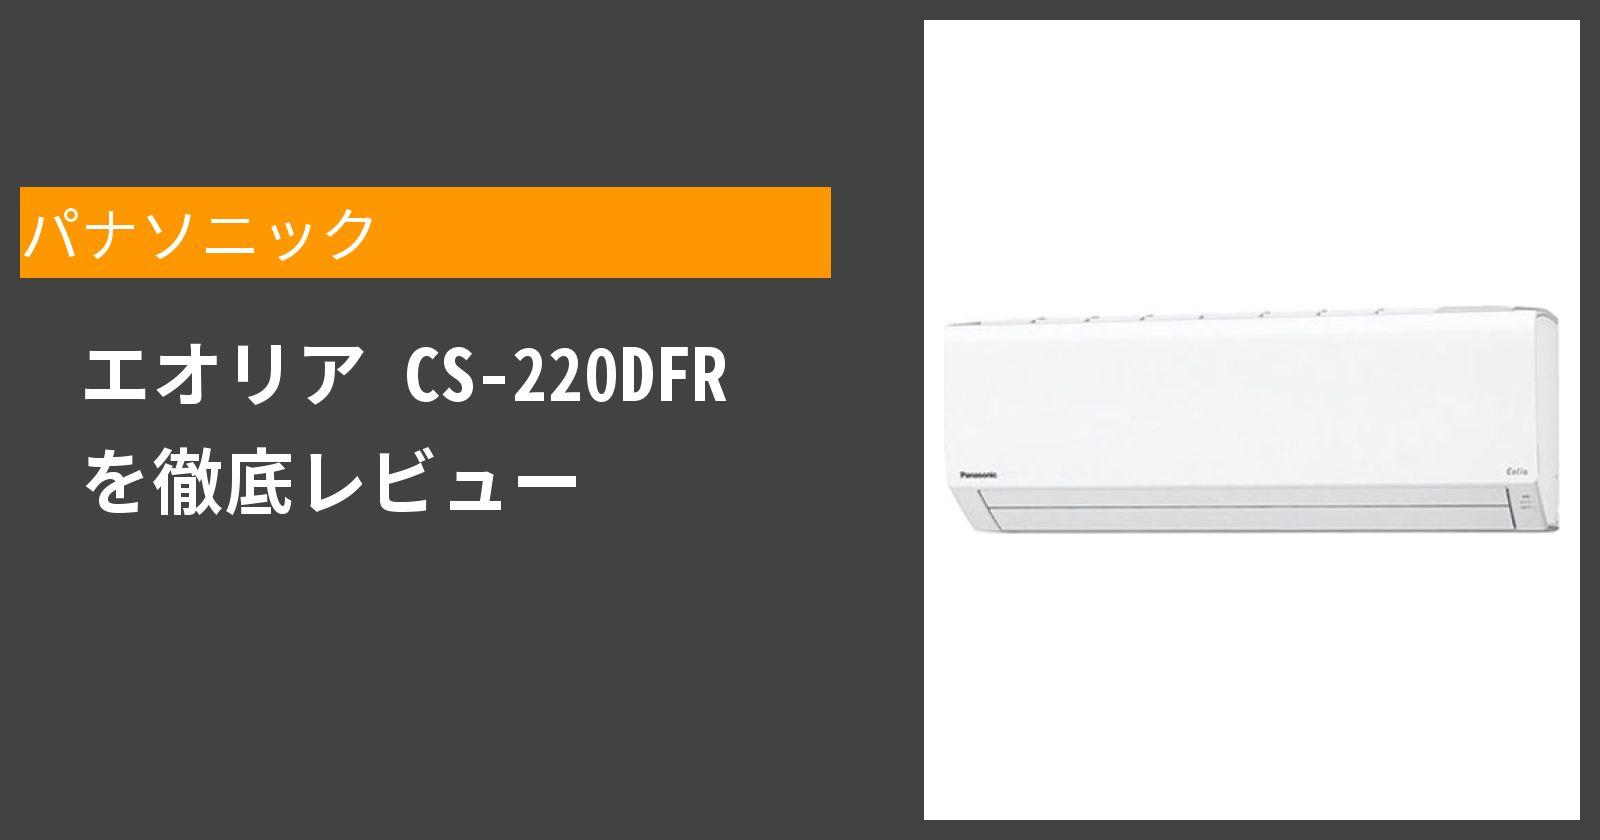 エオリア CS-220DFRを徹底評価